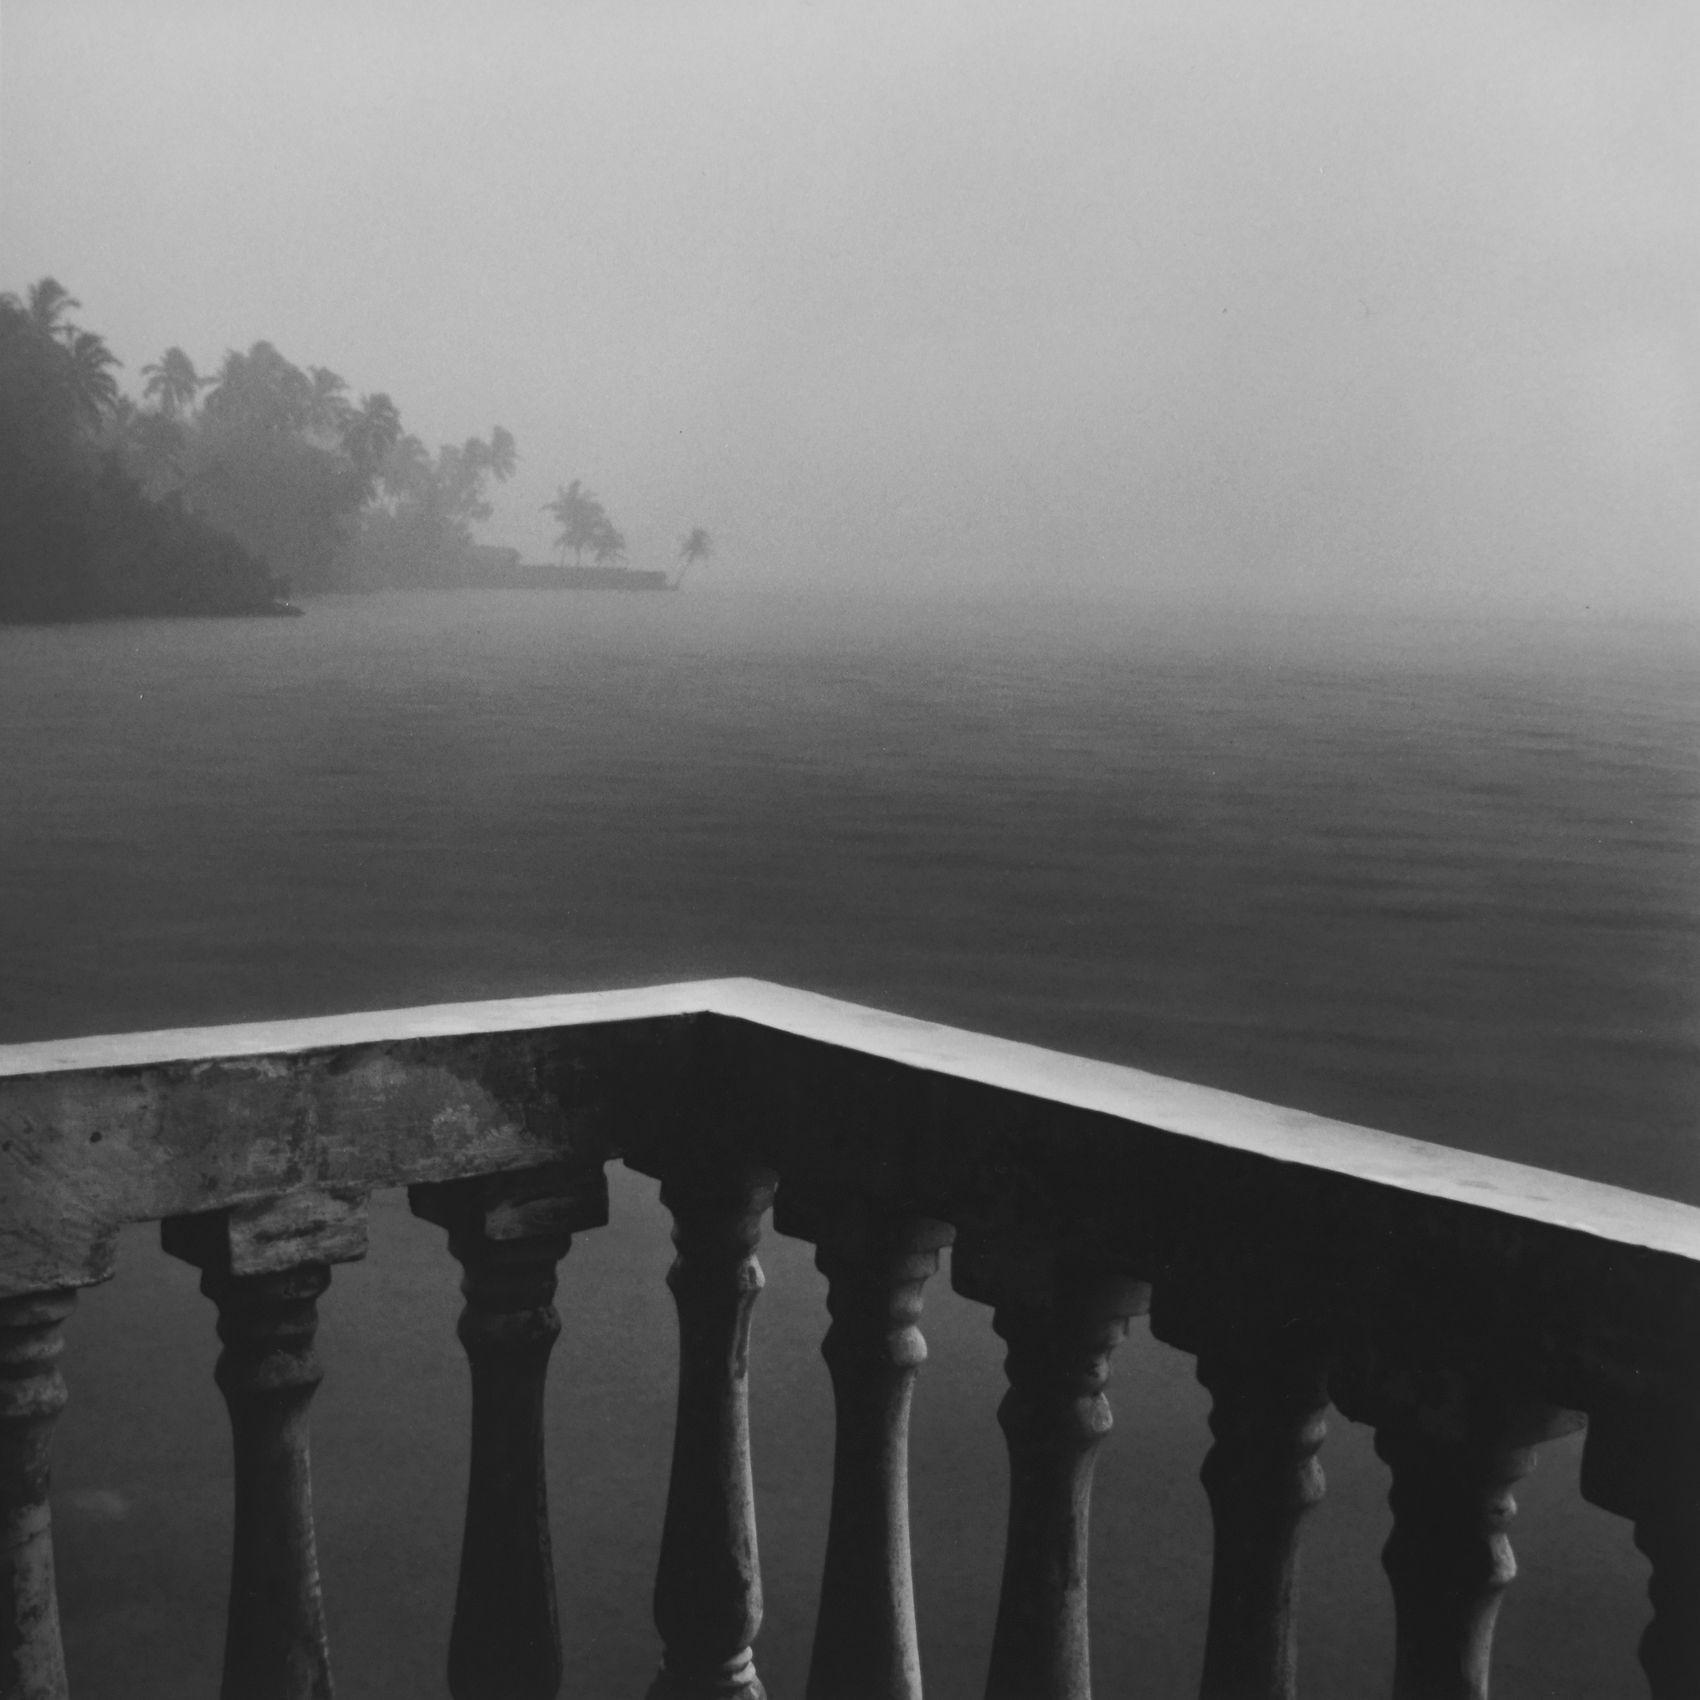 Sumatra Rain, Indonesia